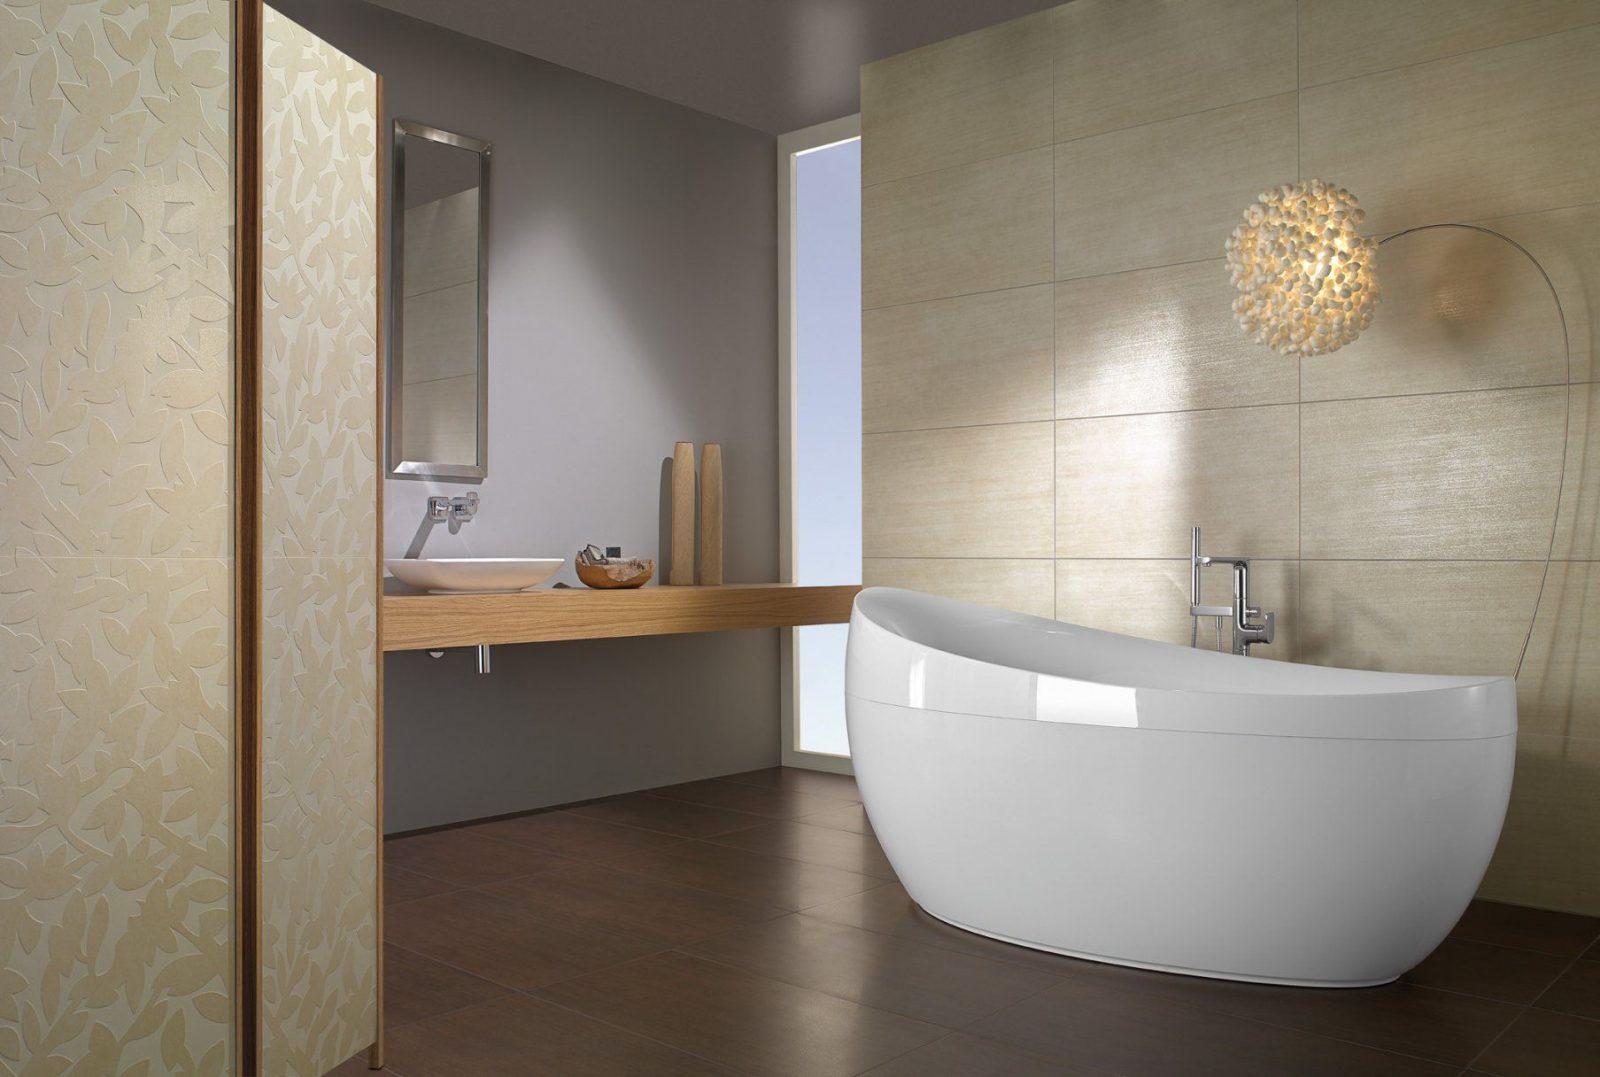 Badezimmer Fliesen Villeroy Und Boch: Fliesen bad ideen herrliche ...